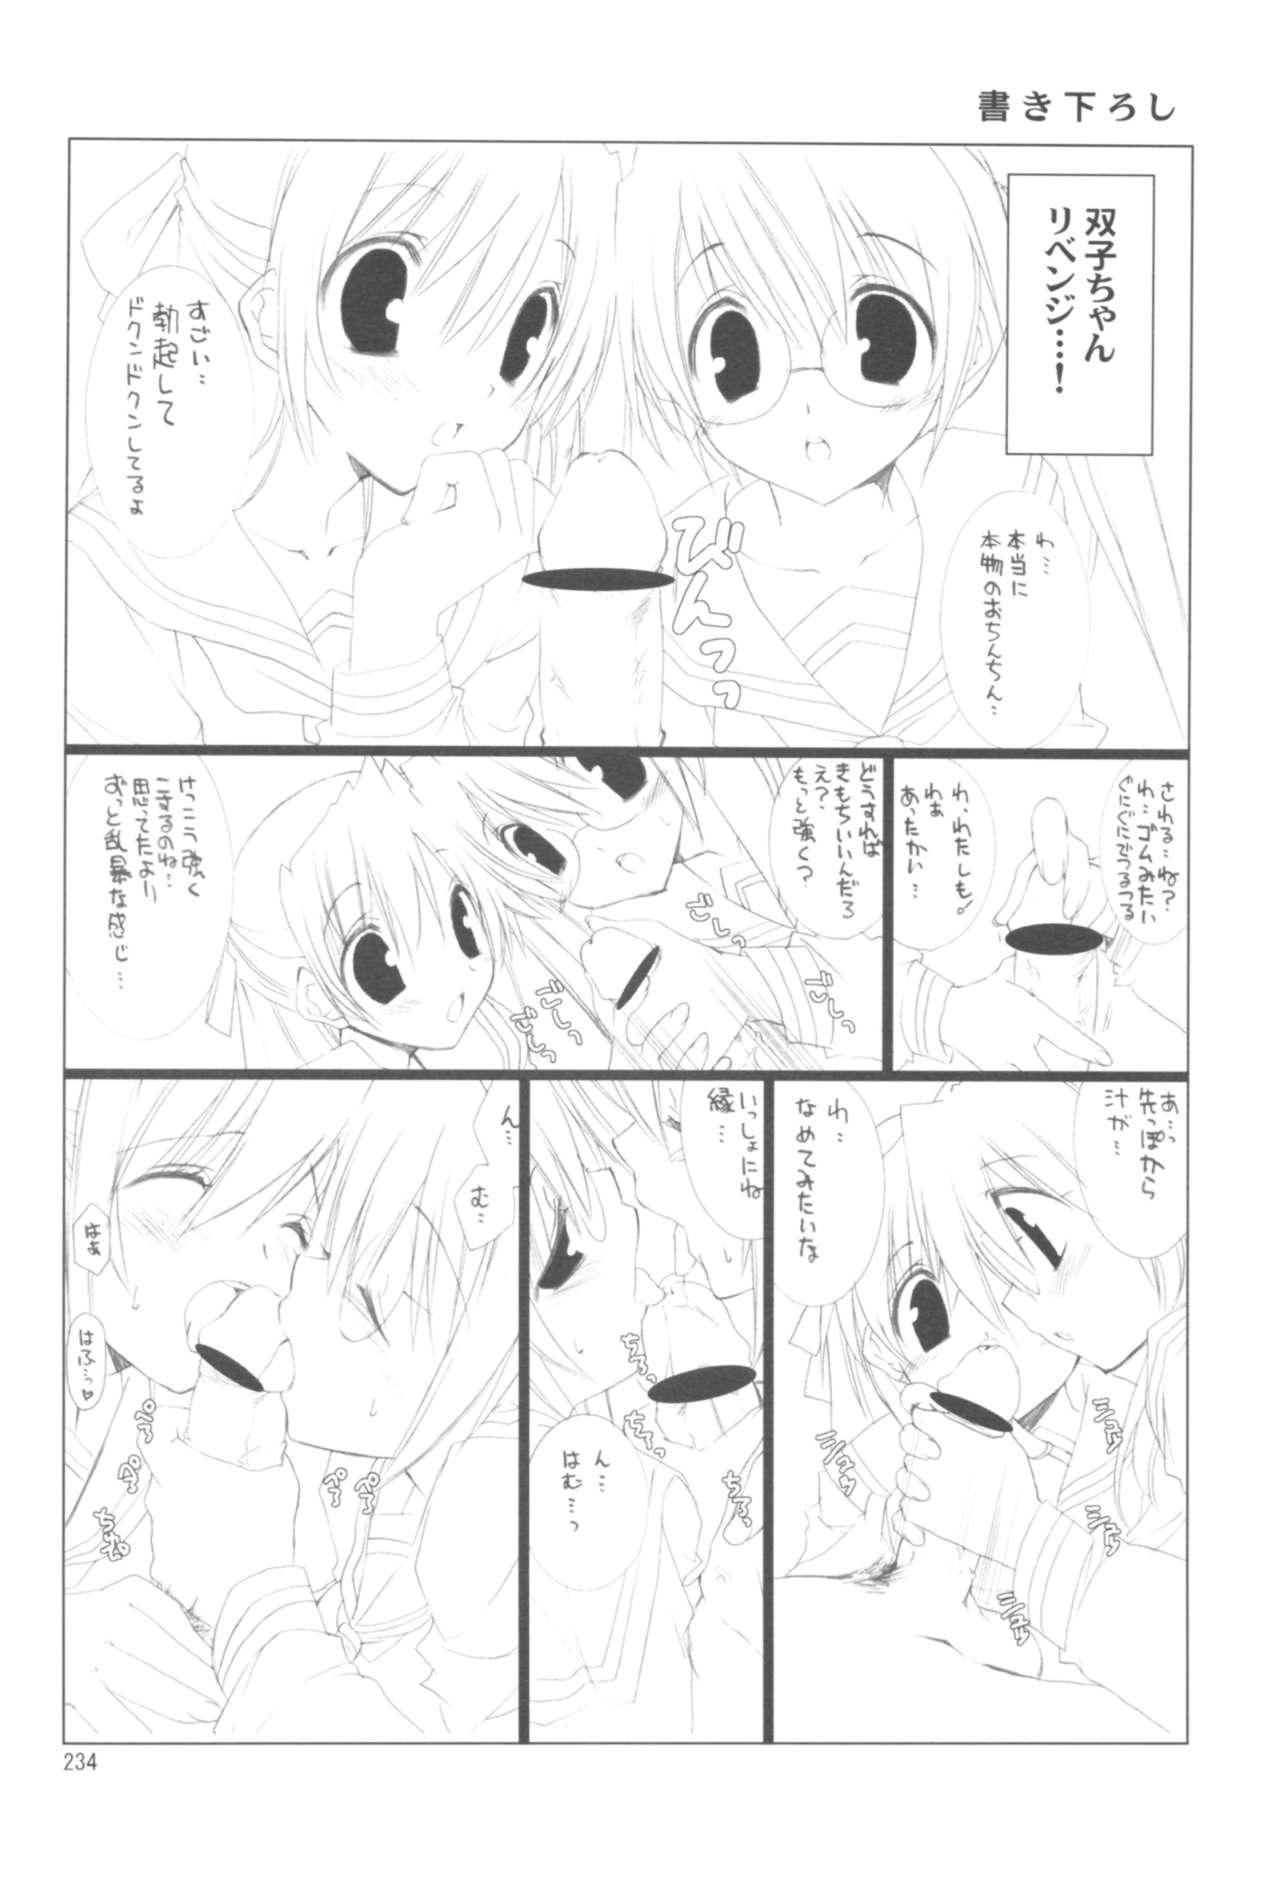 Naedoko Ikusei Kansatsu Kiroku 233